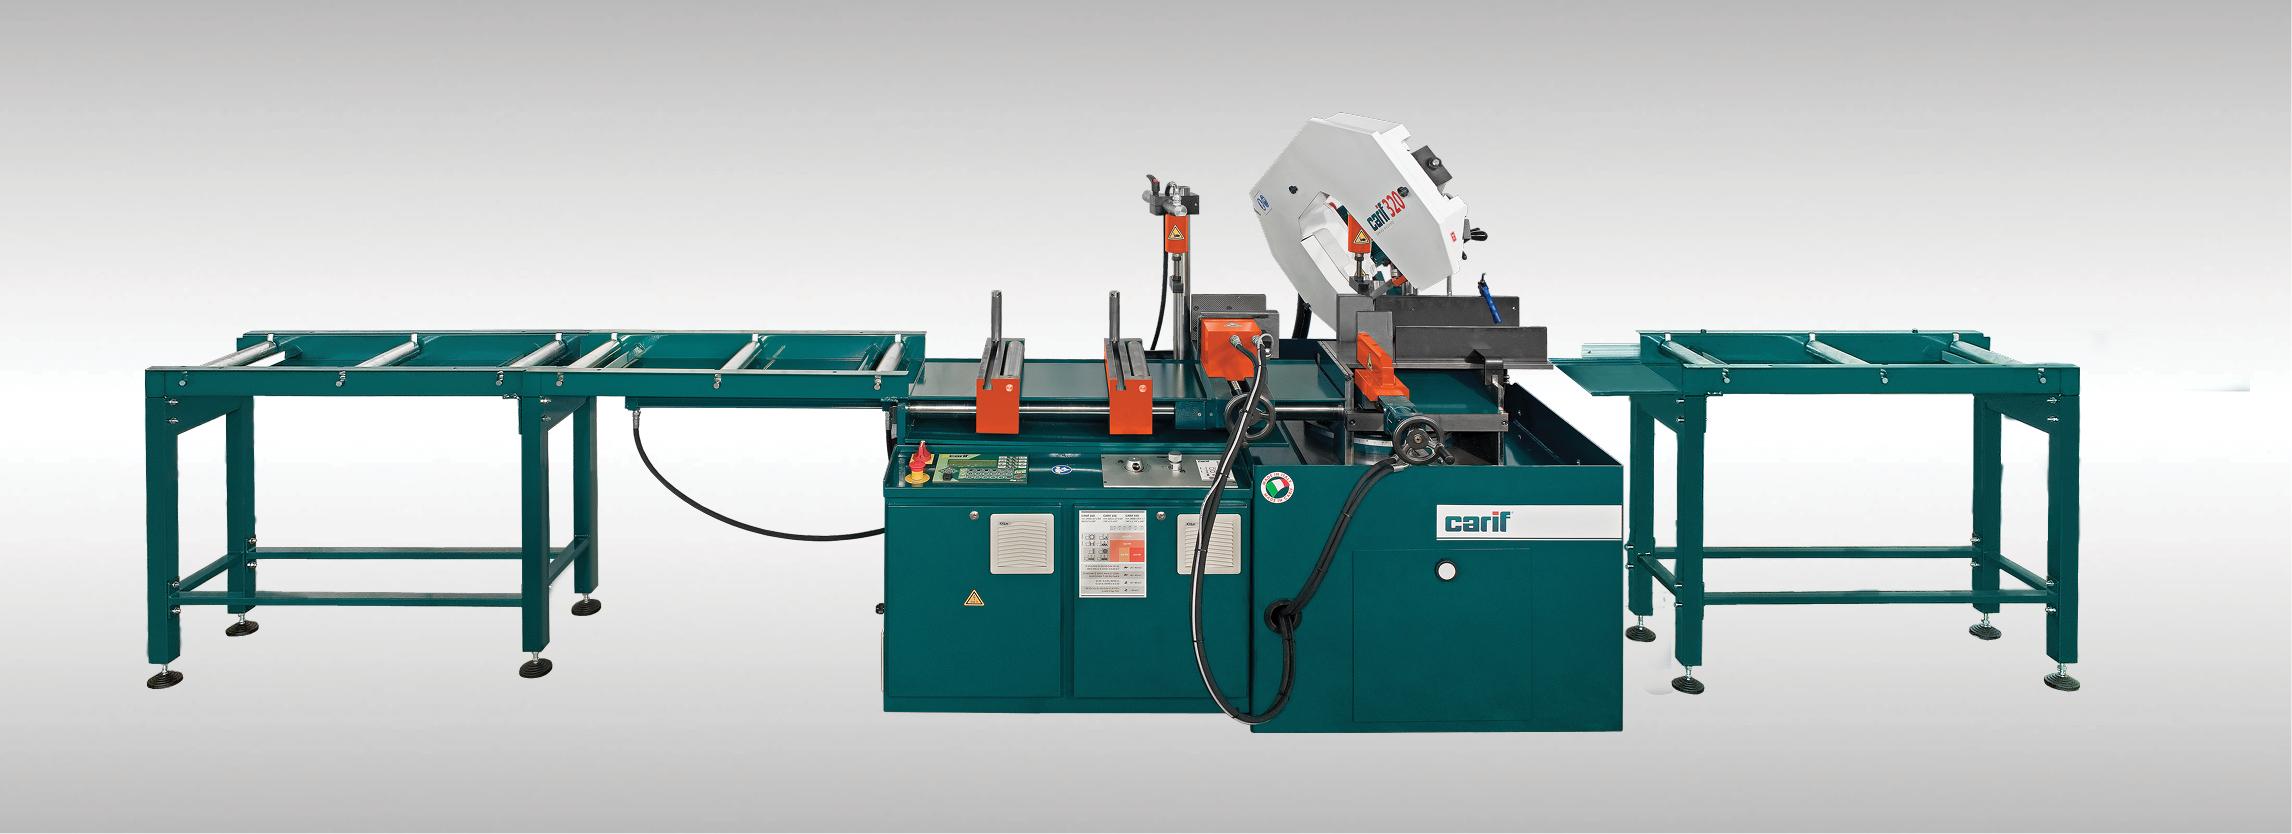 Carif 320 BA CNC slide 04